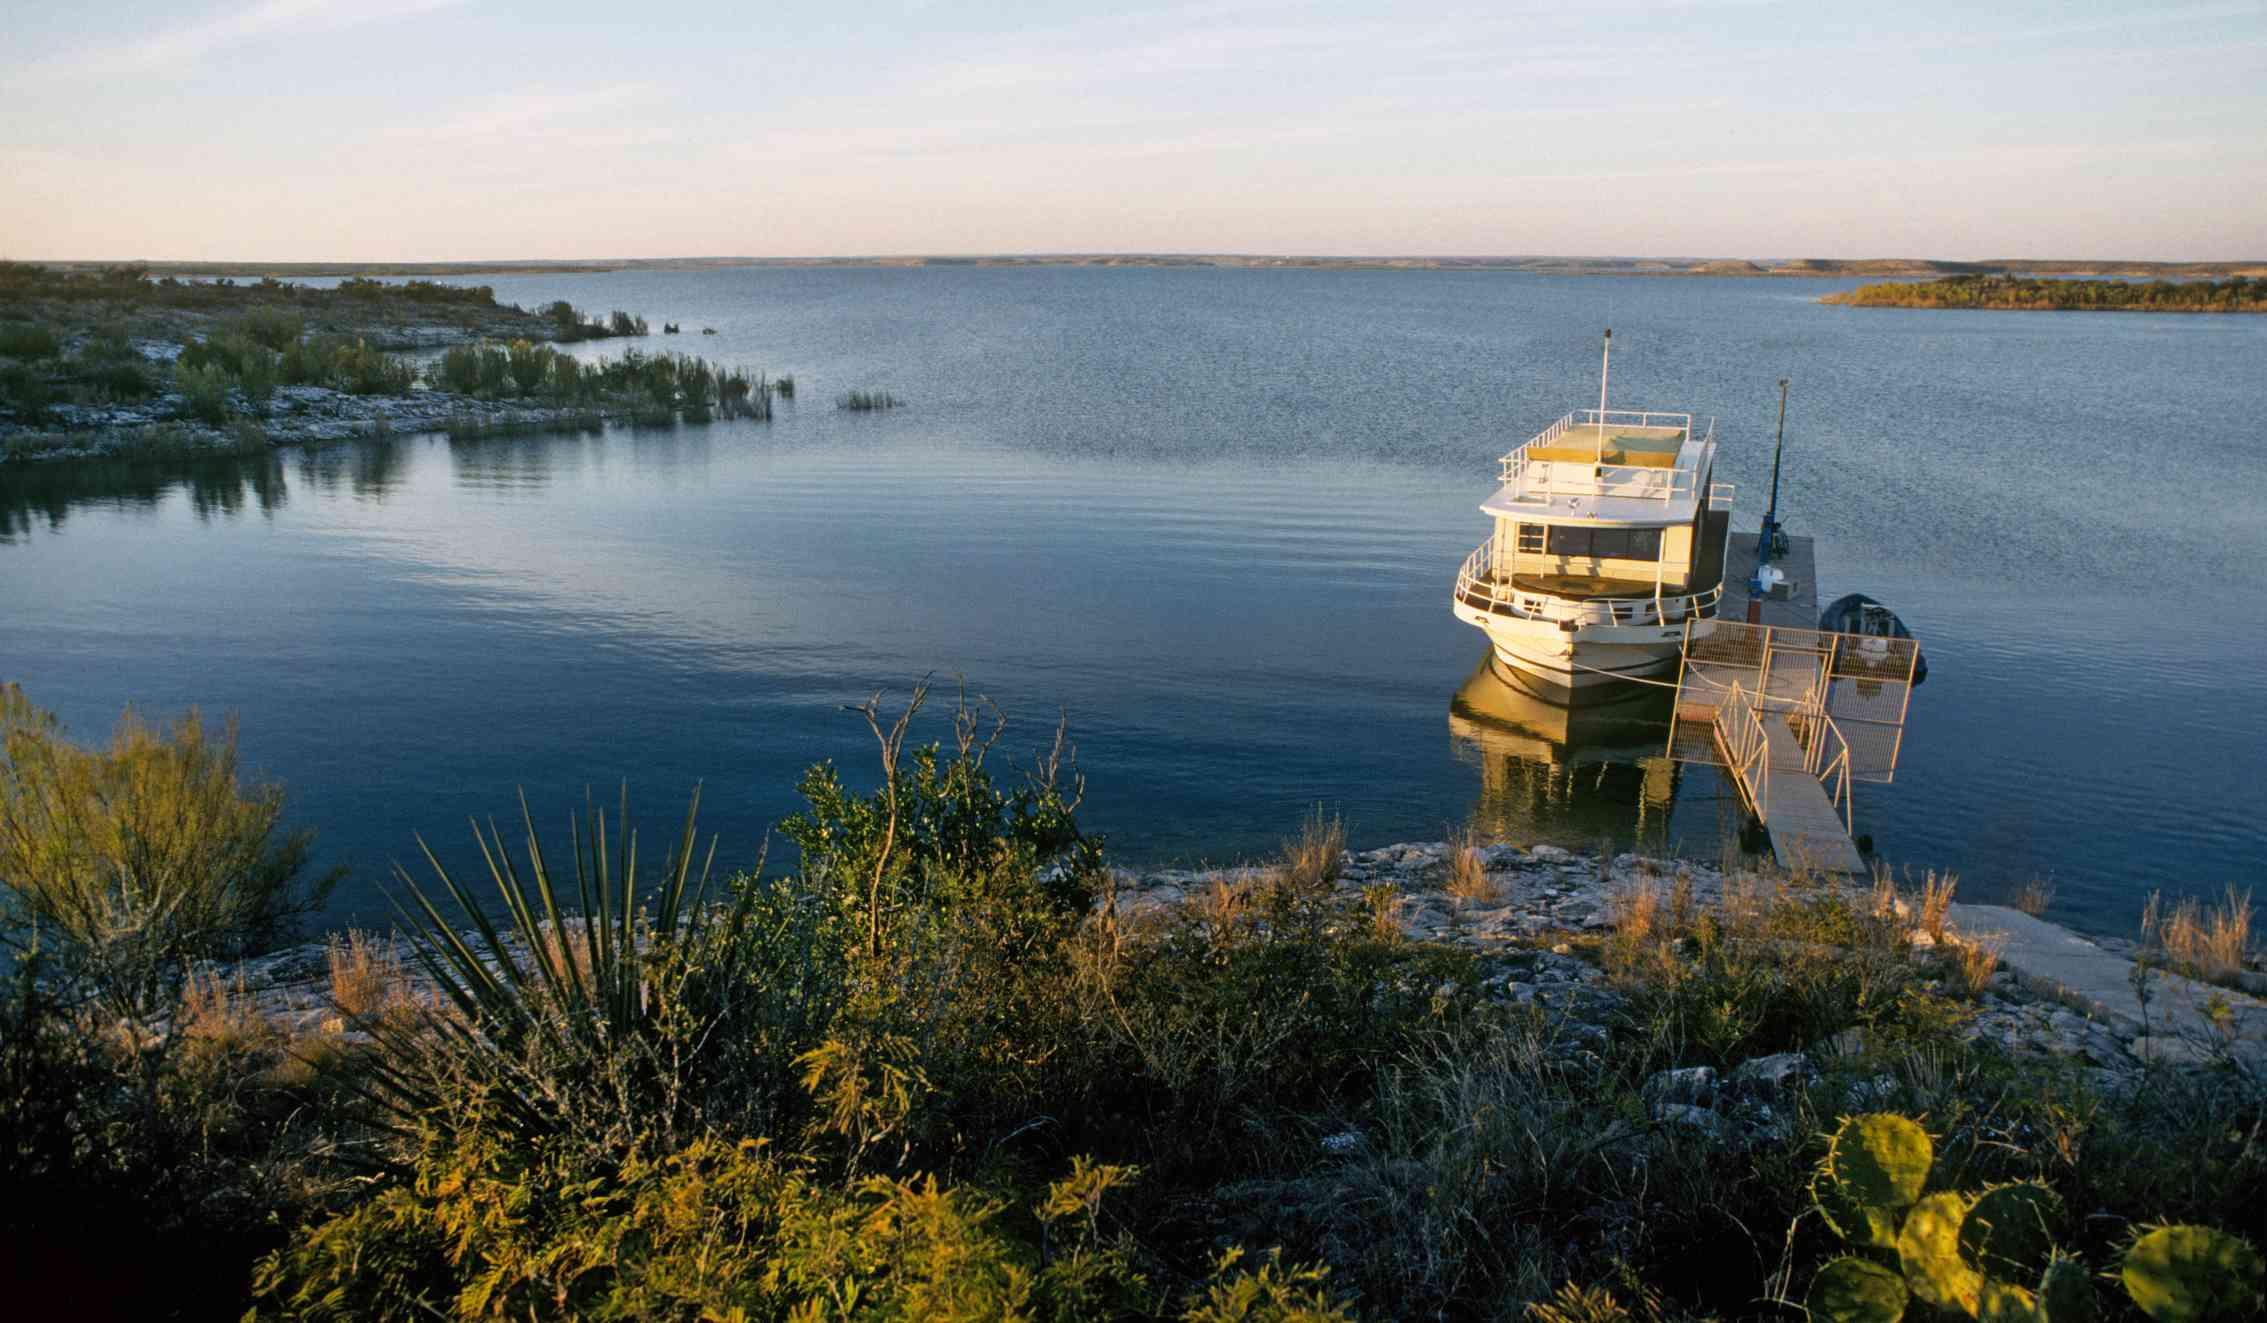 Lake Amistad, Texas